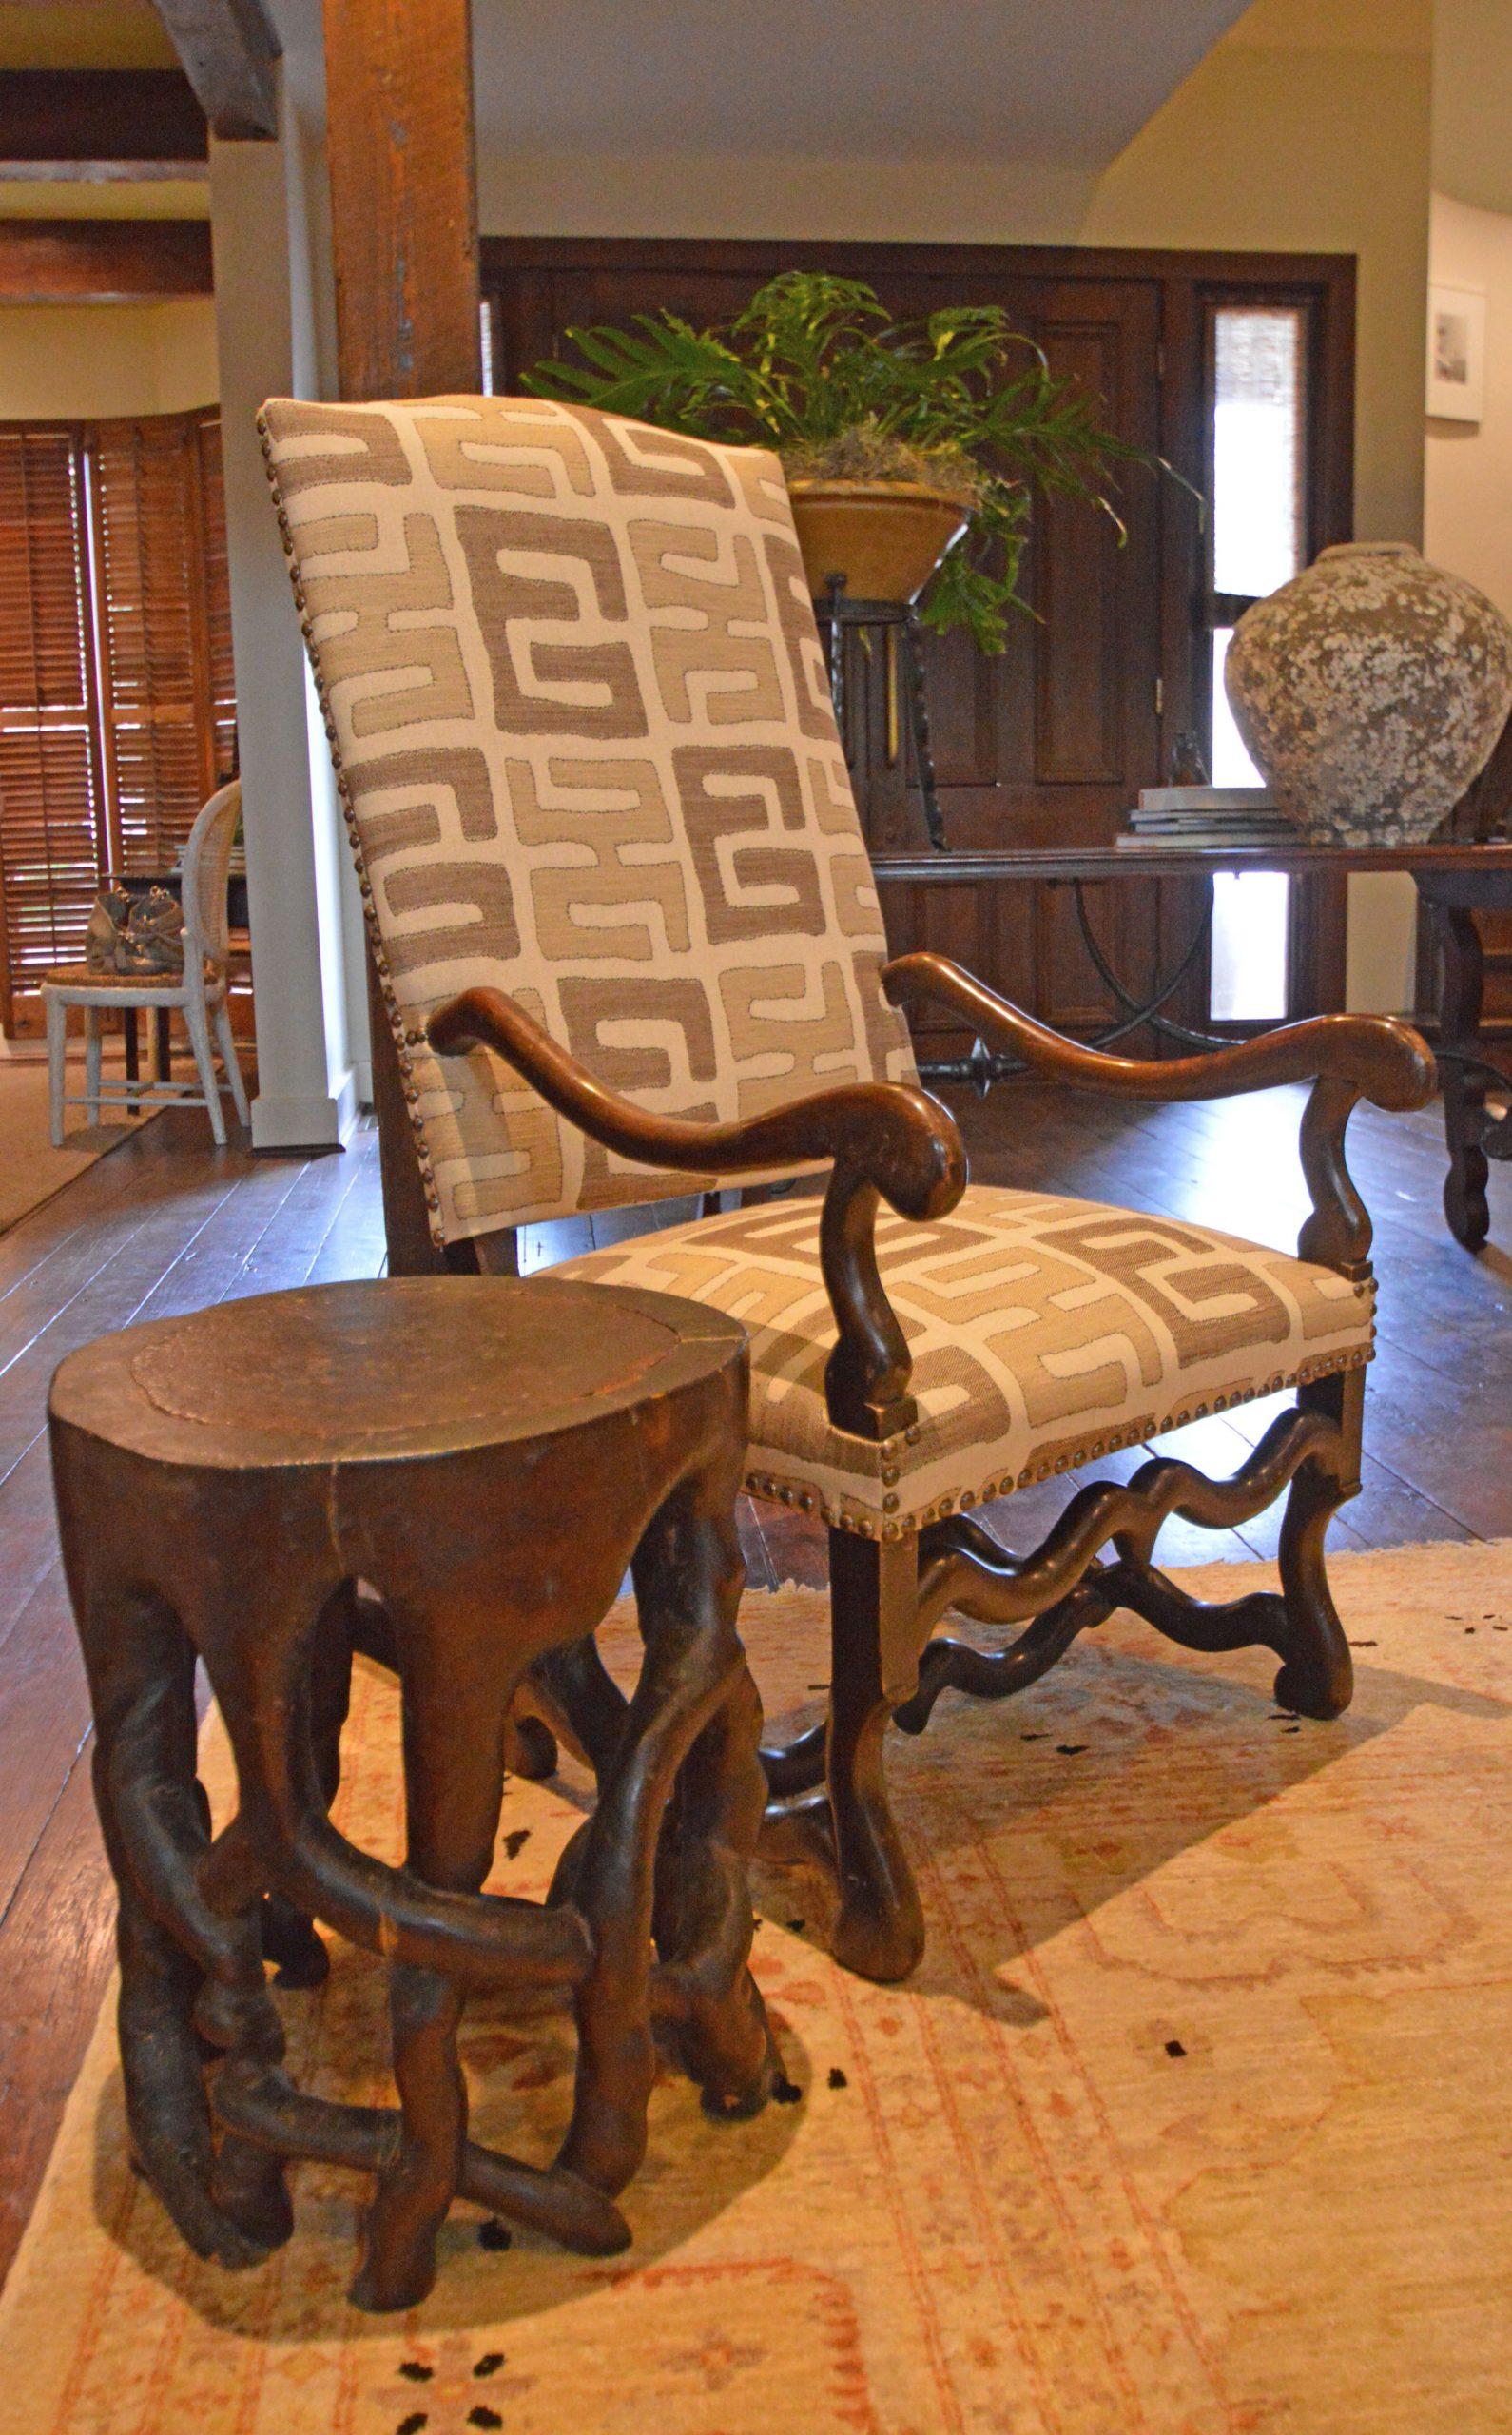 sindel-joel-dixon-smith-interiors-baton-rouge-interior-design-custom-furniture-web-0006